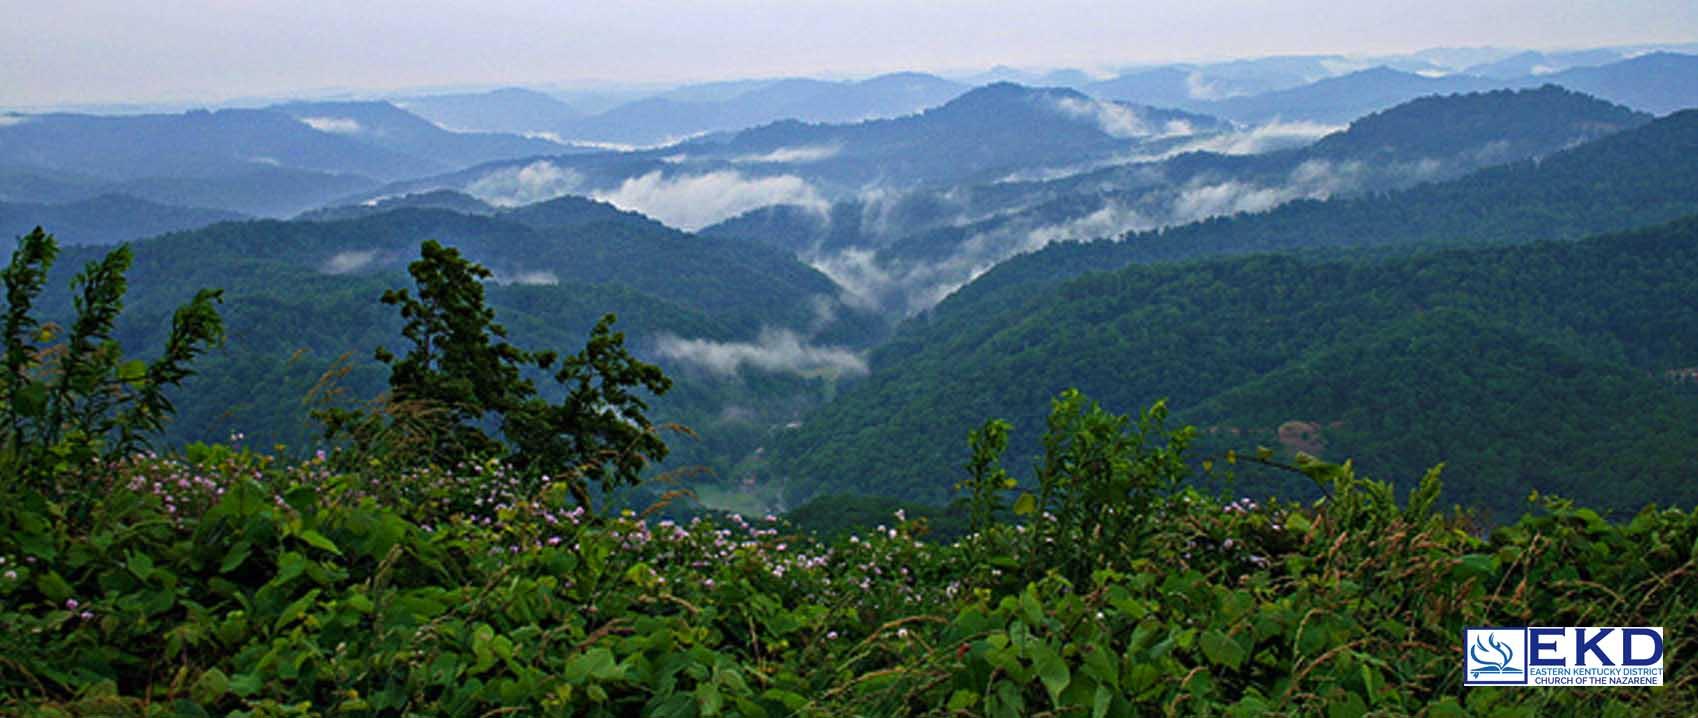 Kentucky Mountains.jpg